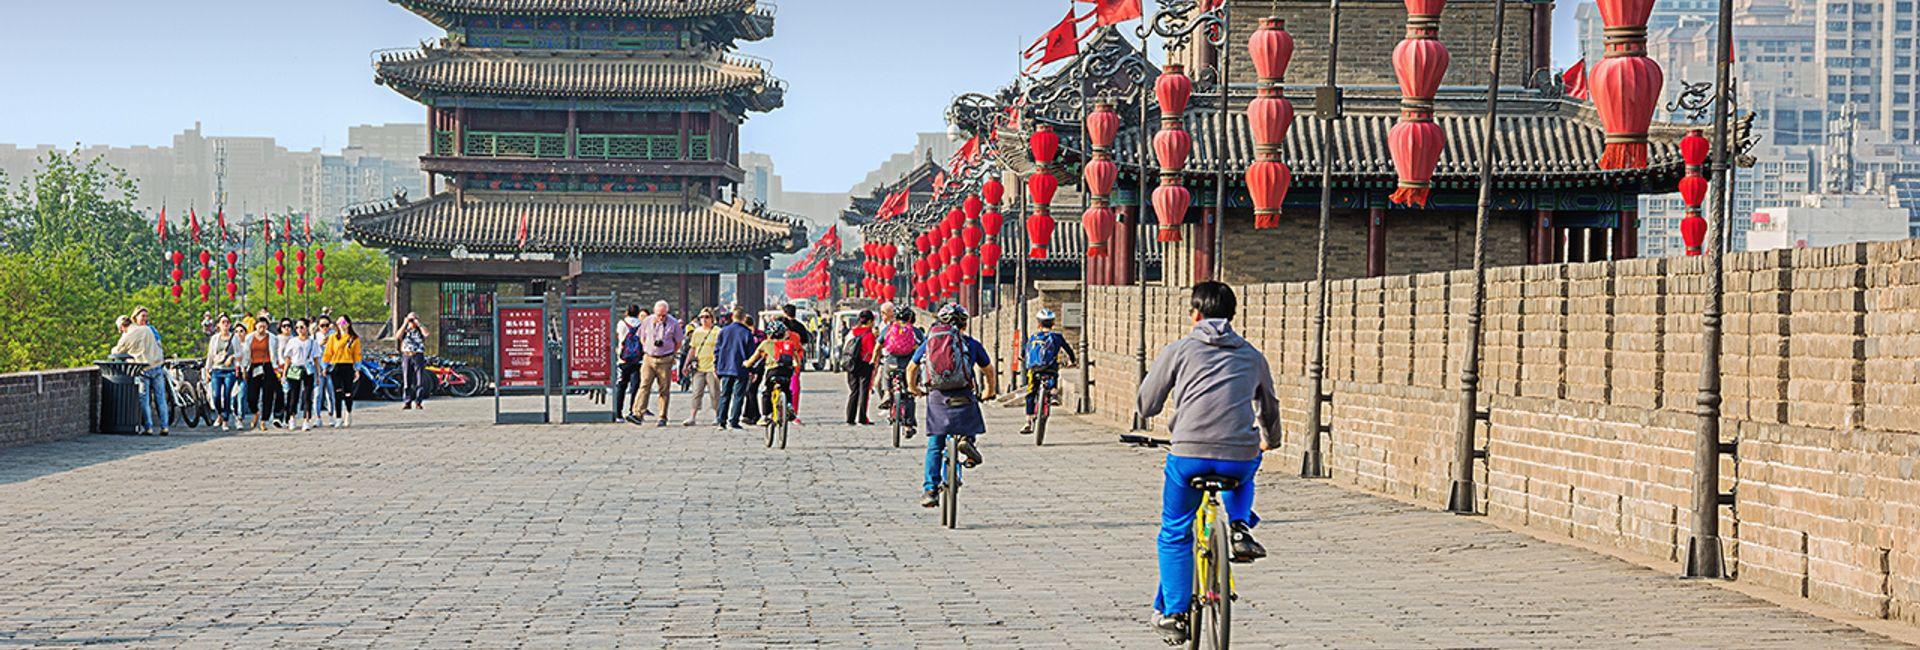 Top 8 trải nghiệm thú vị bạn nên thử tại Tây An, Trung Quốc